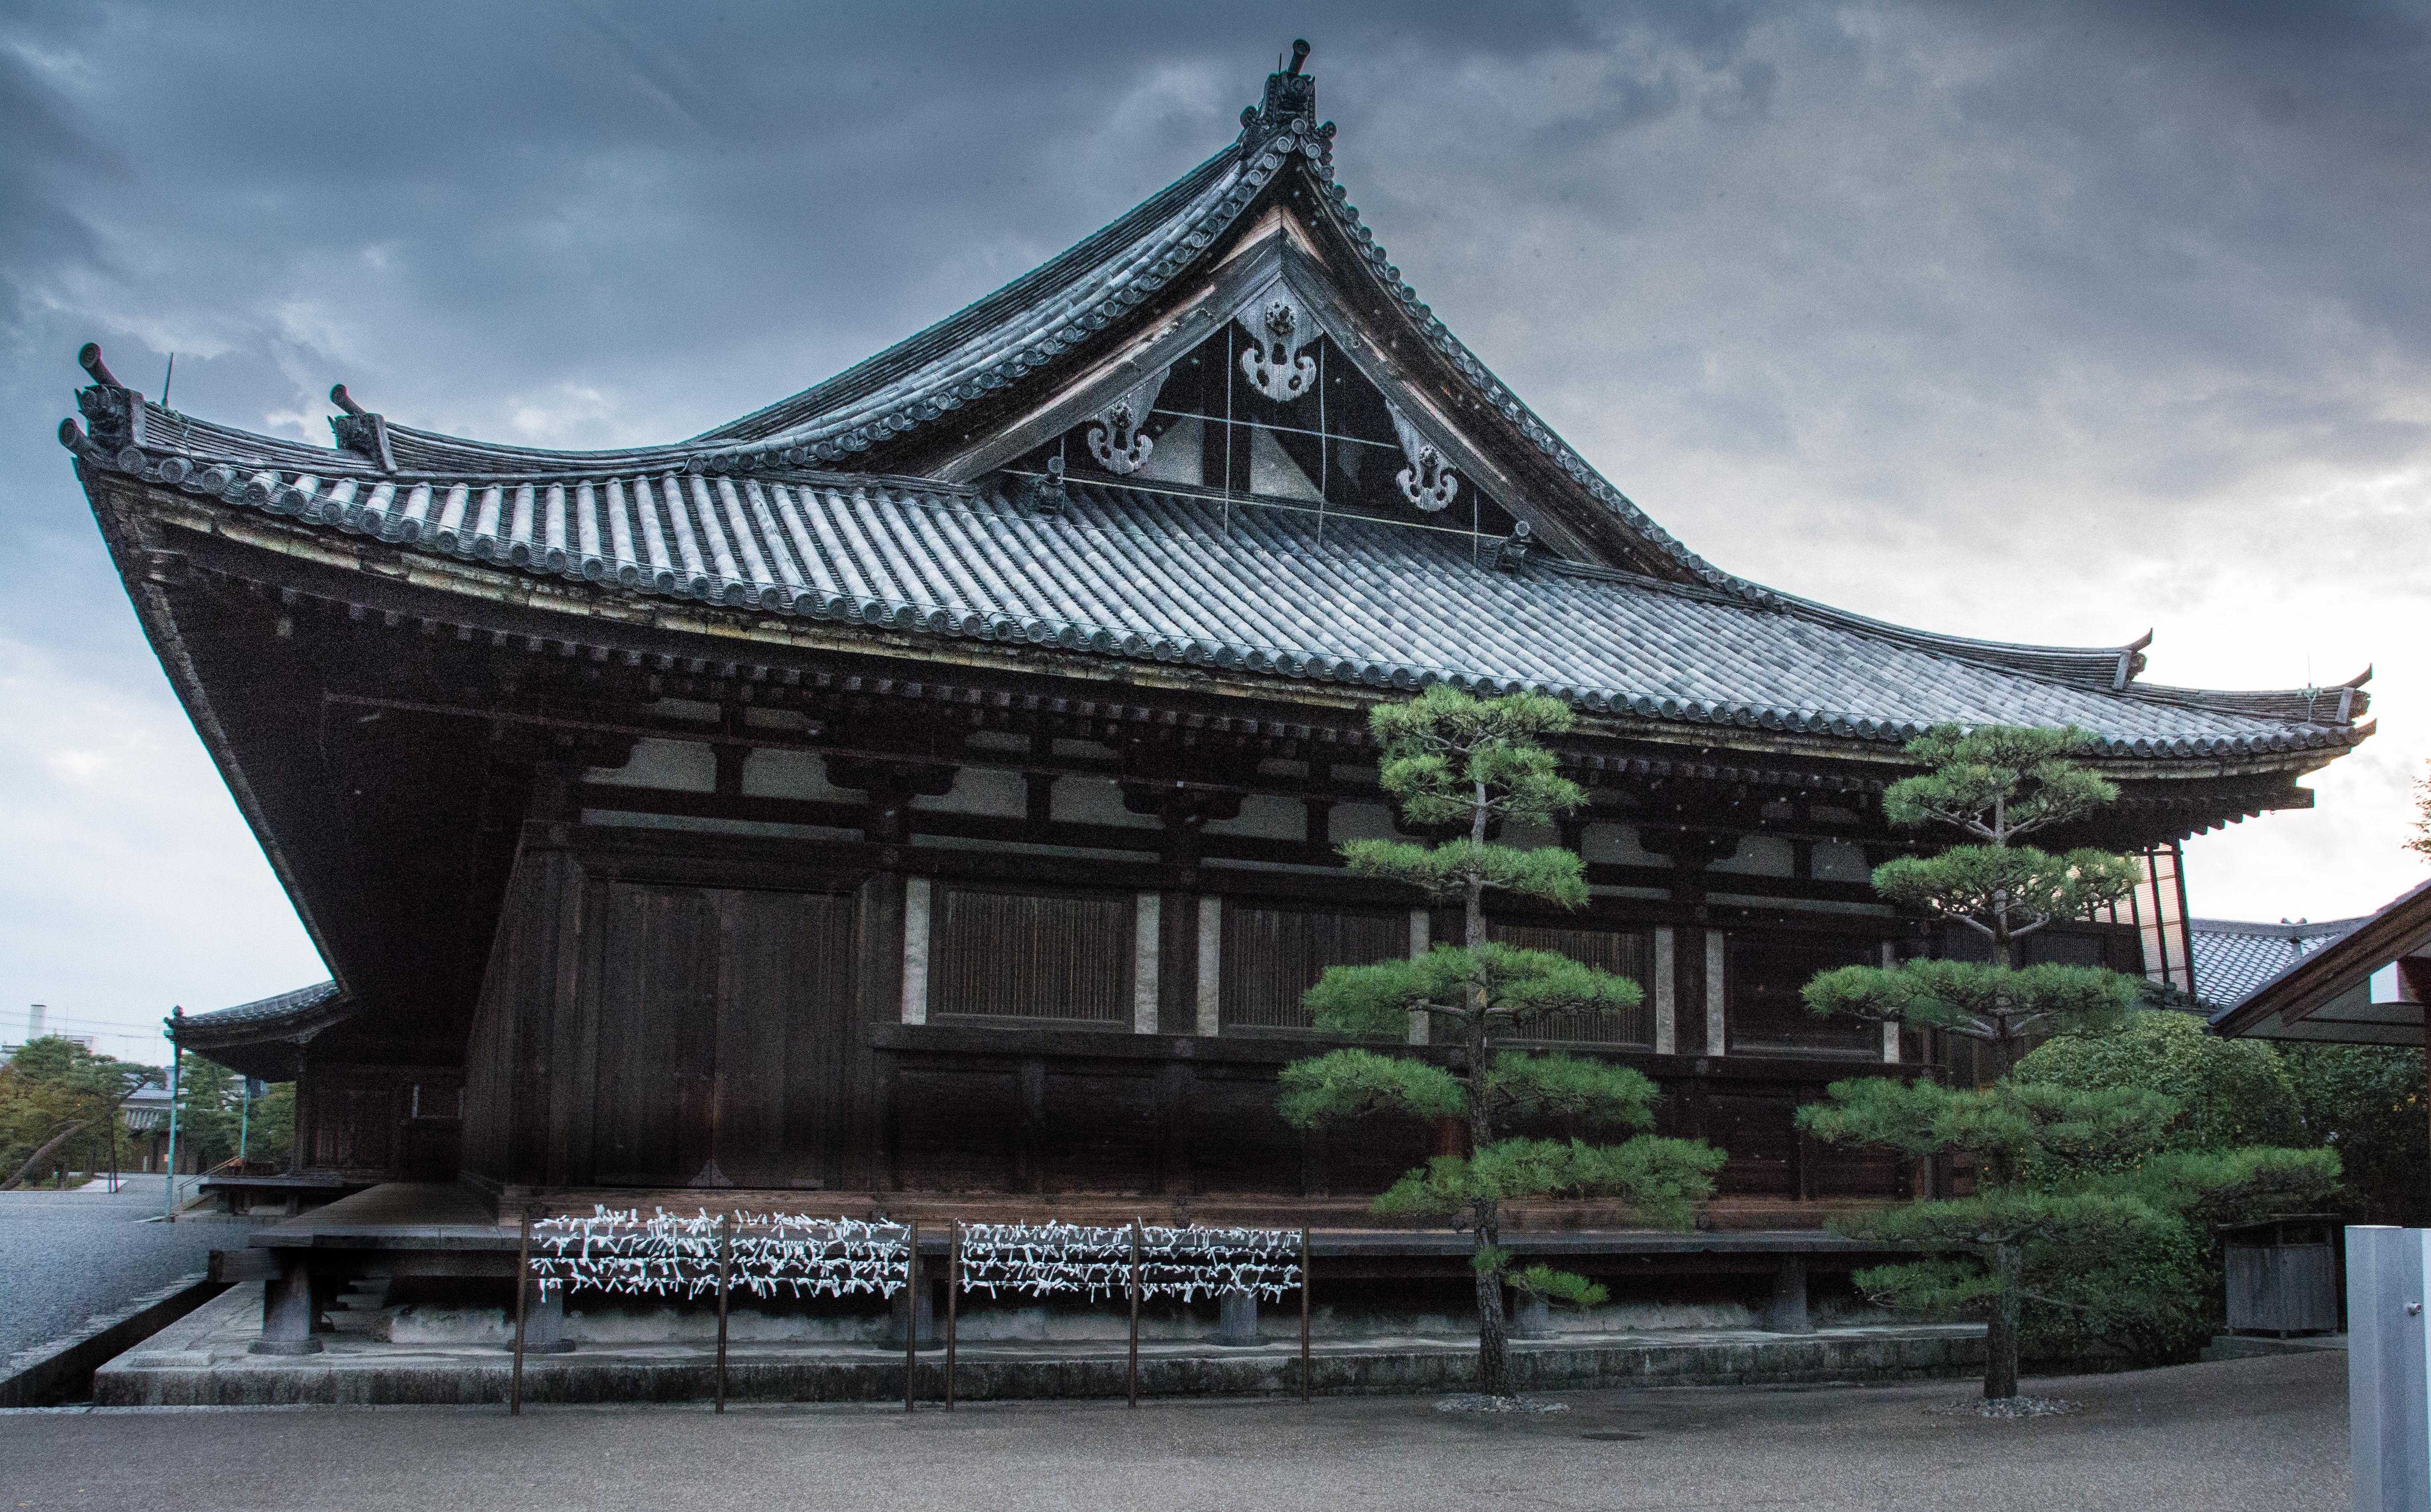 Tempel building in Kyoto